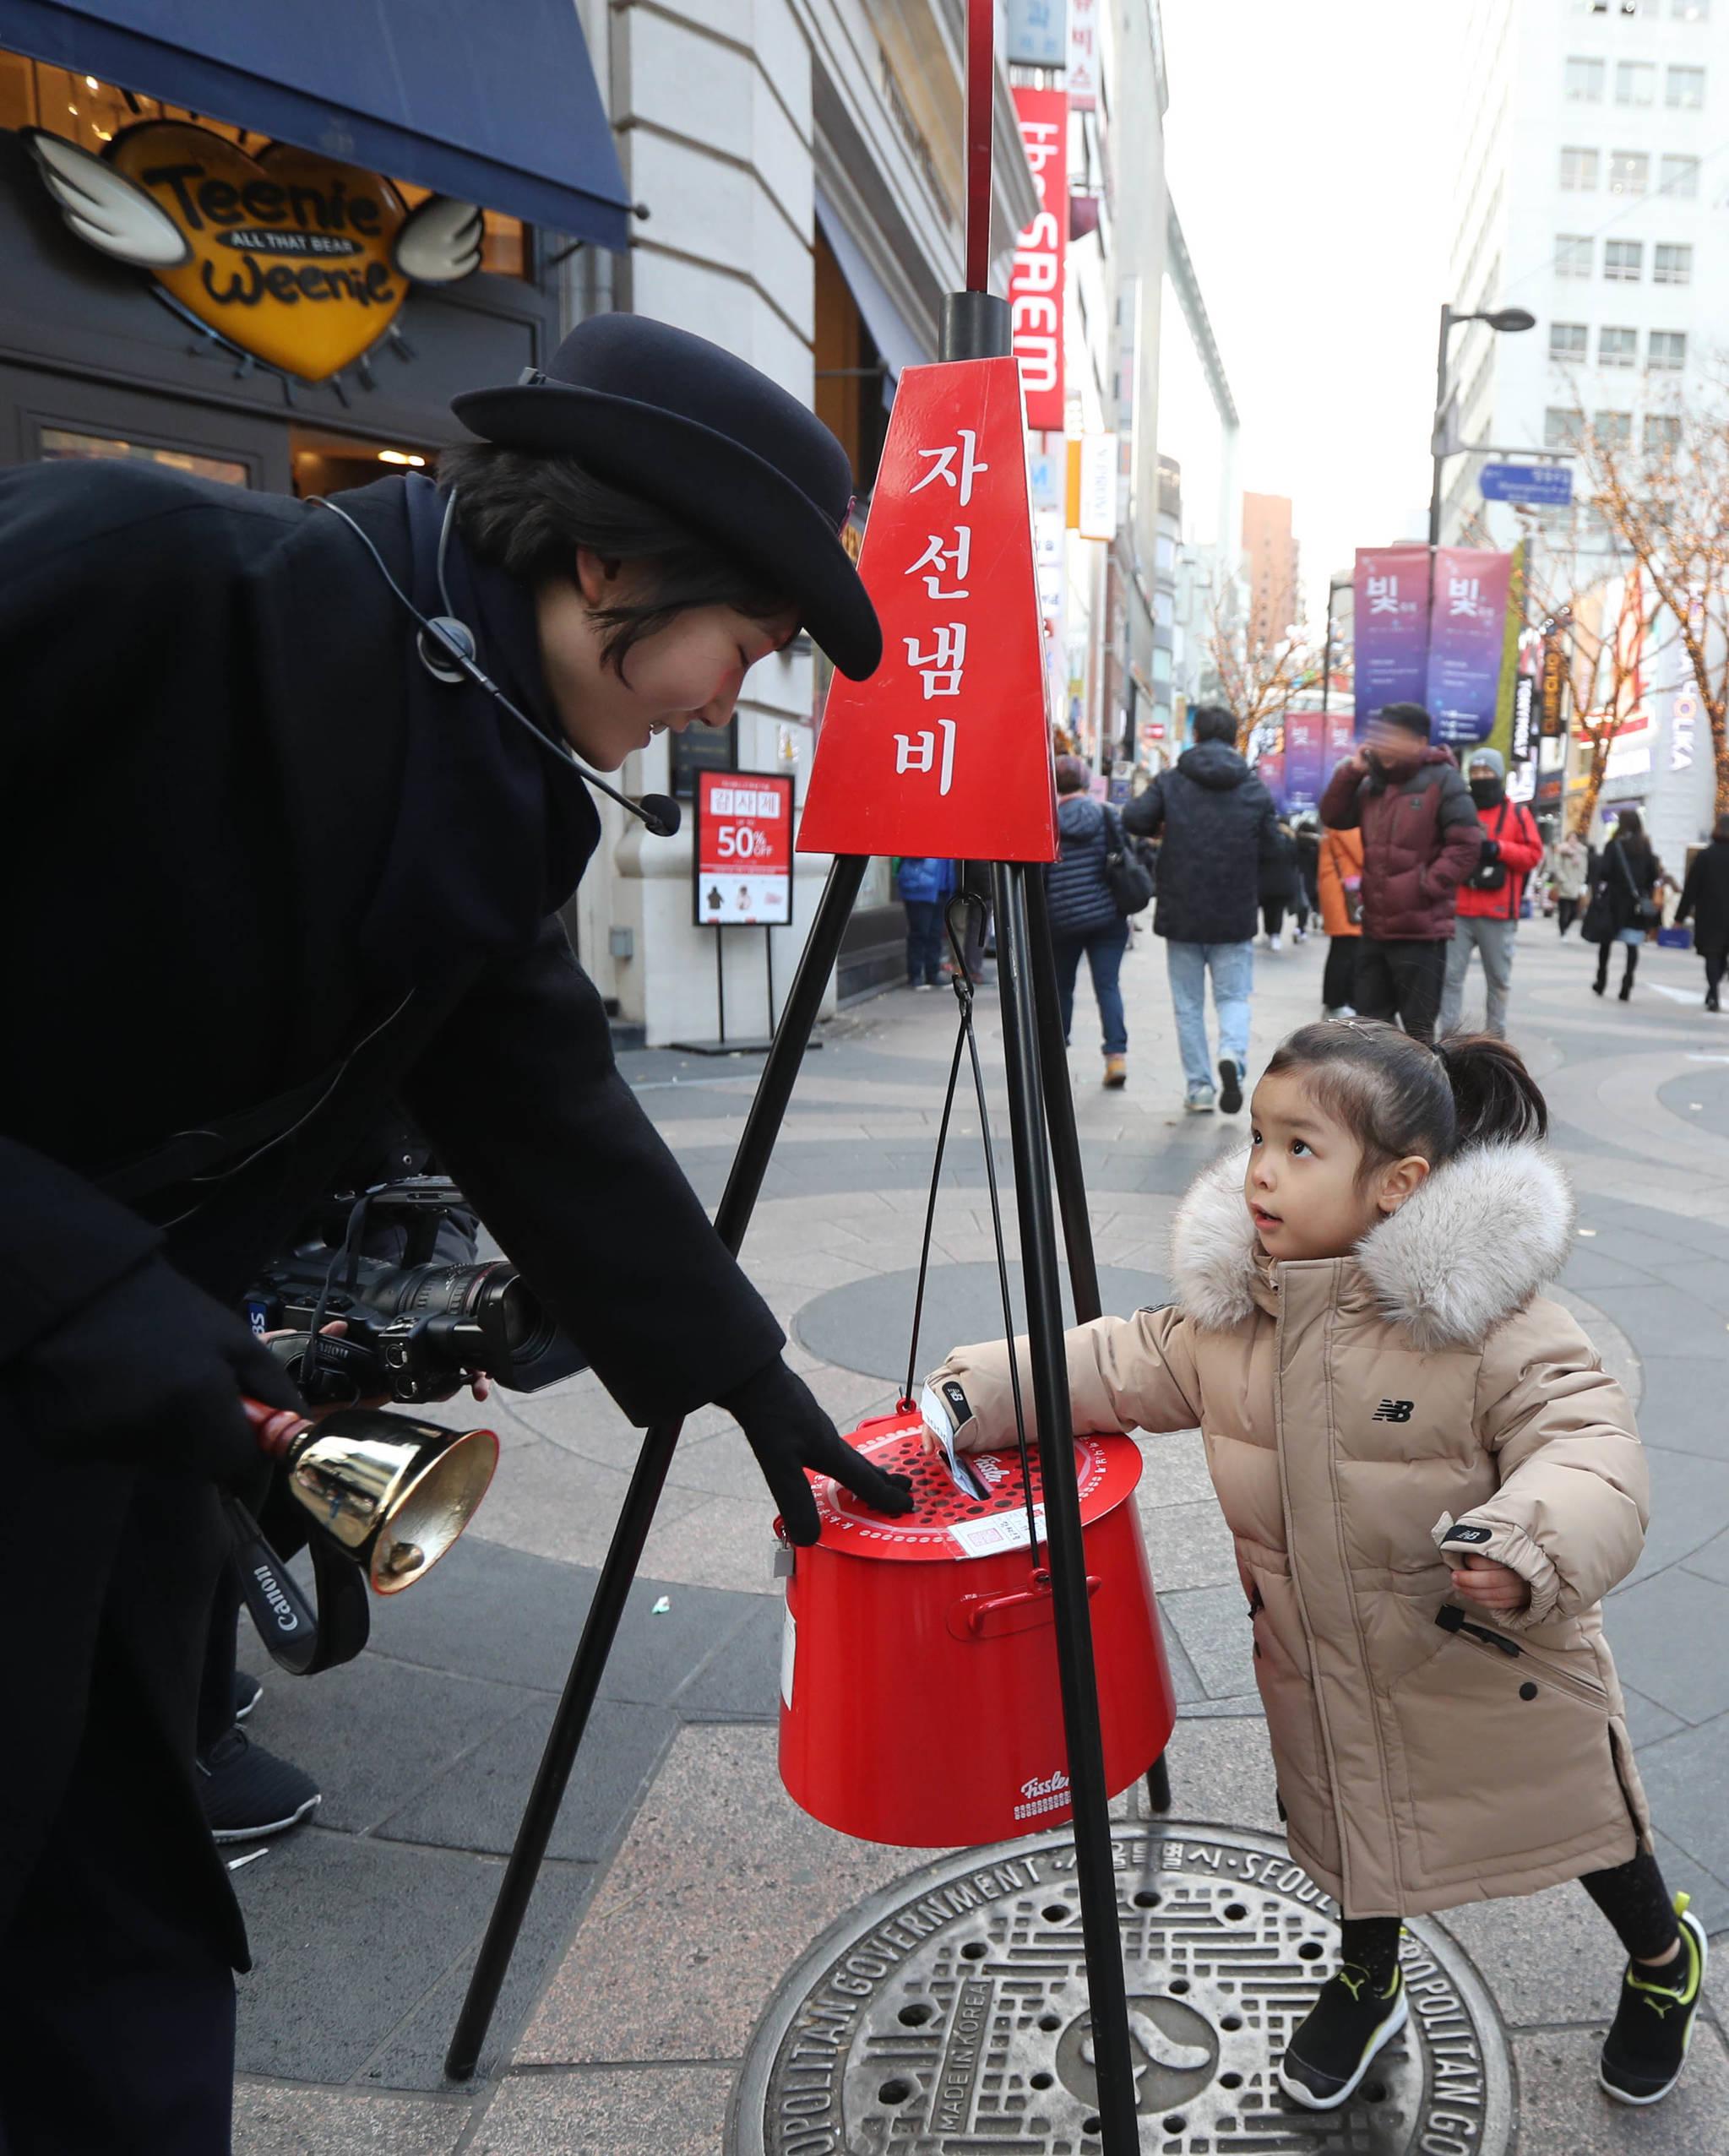 서울 명동거리에서 한 어린이가 자선냄비에 성금을 넣고 있다. 신인섭 기자